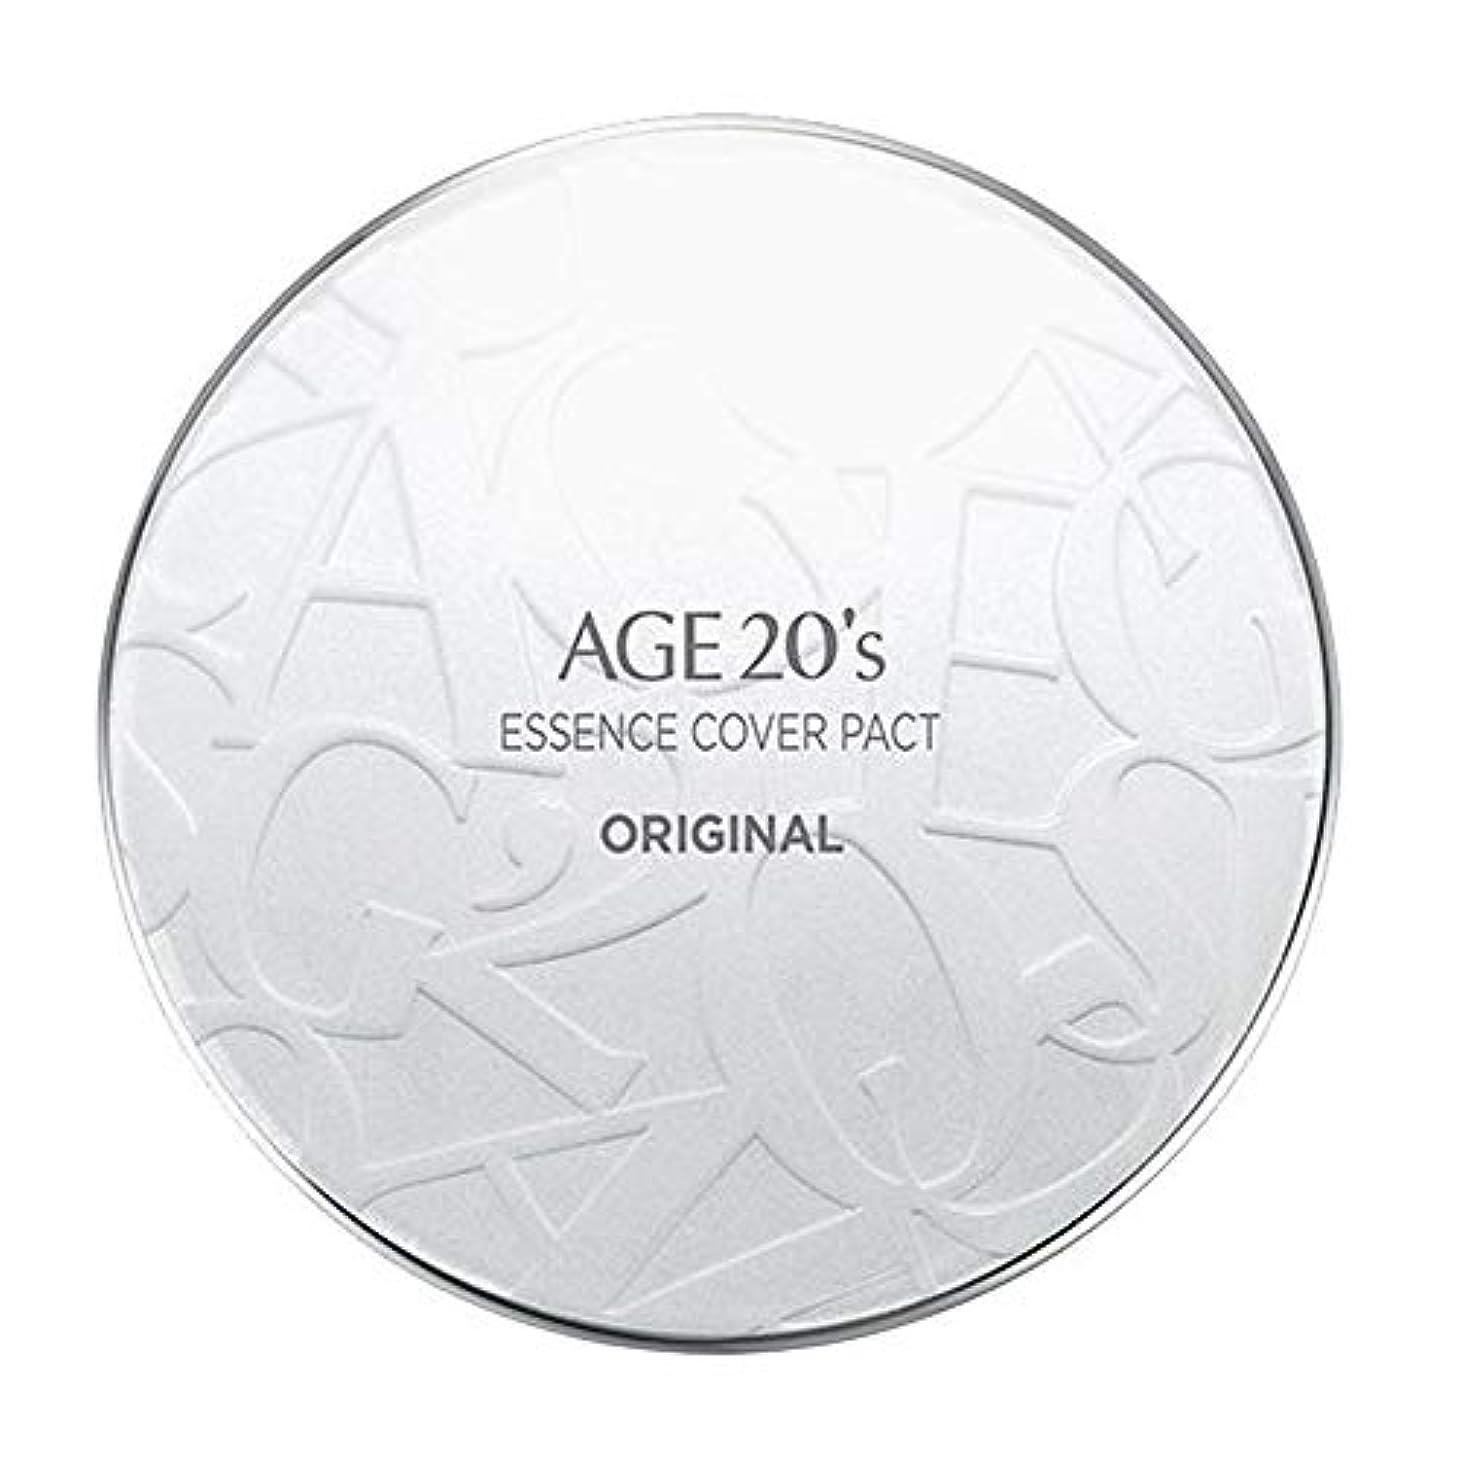 有益な一時停止引き算AGE 20's(エイジ20's) エッセンスカバーパクトオリジナル(本品1個+リフィル2個付)ケースカラーホワイト (23号)